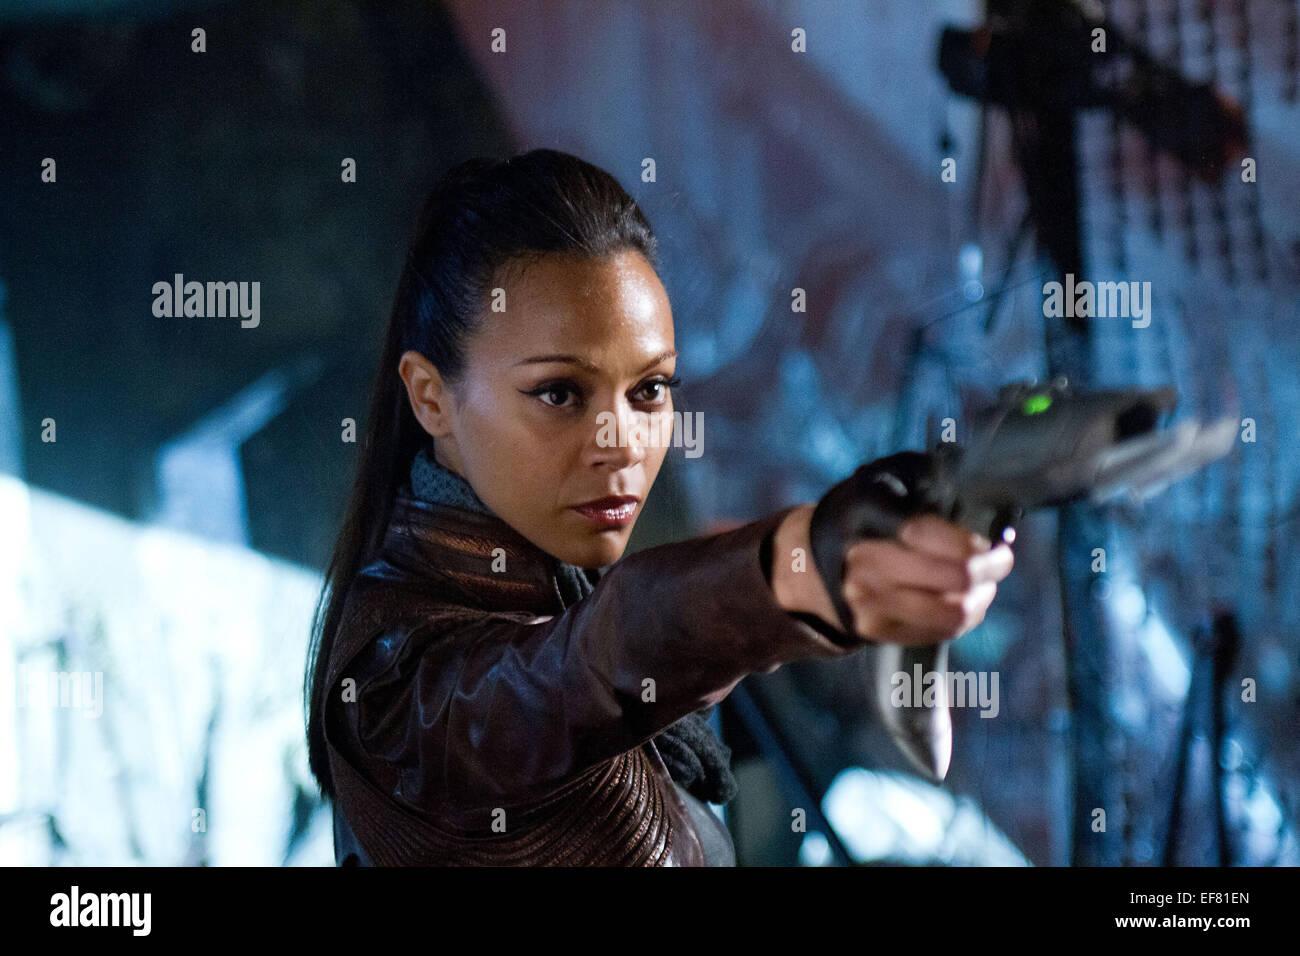 Zoe Saldana Star Trek Into Darkness 2013 Stock Photo Alamy